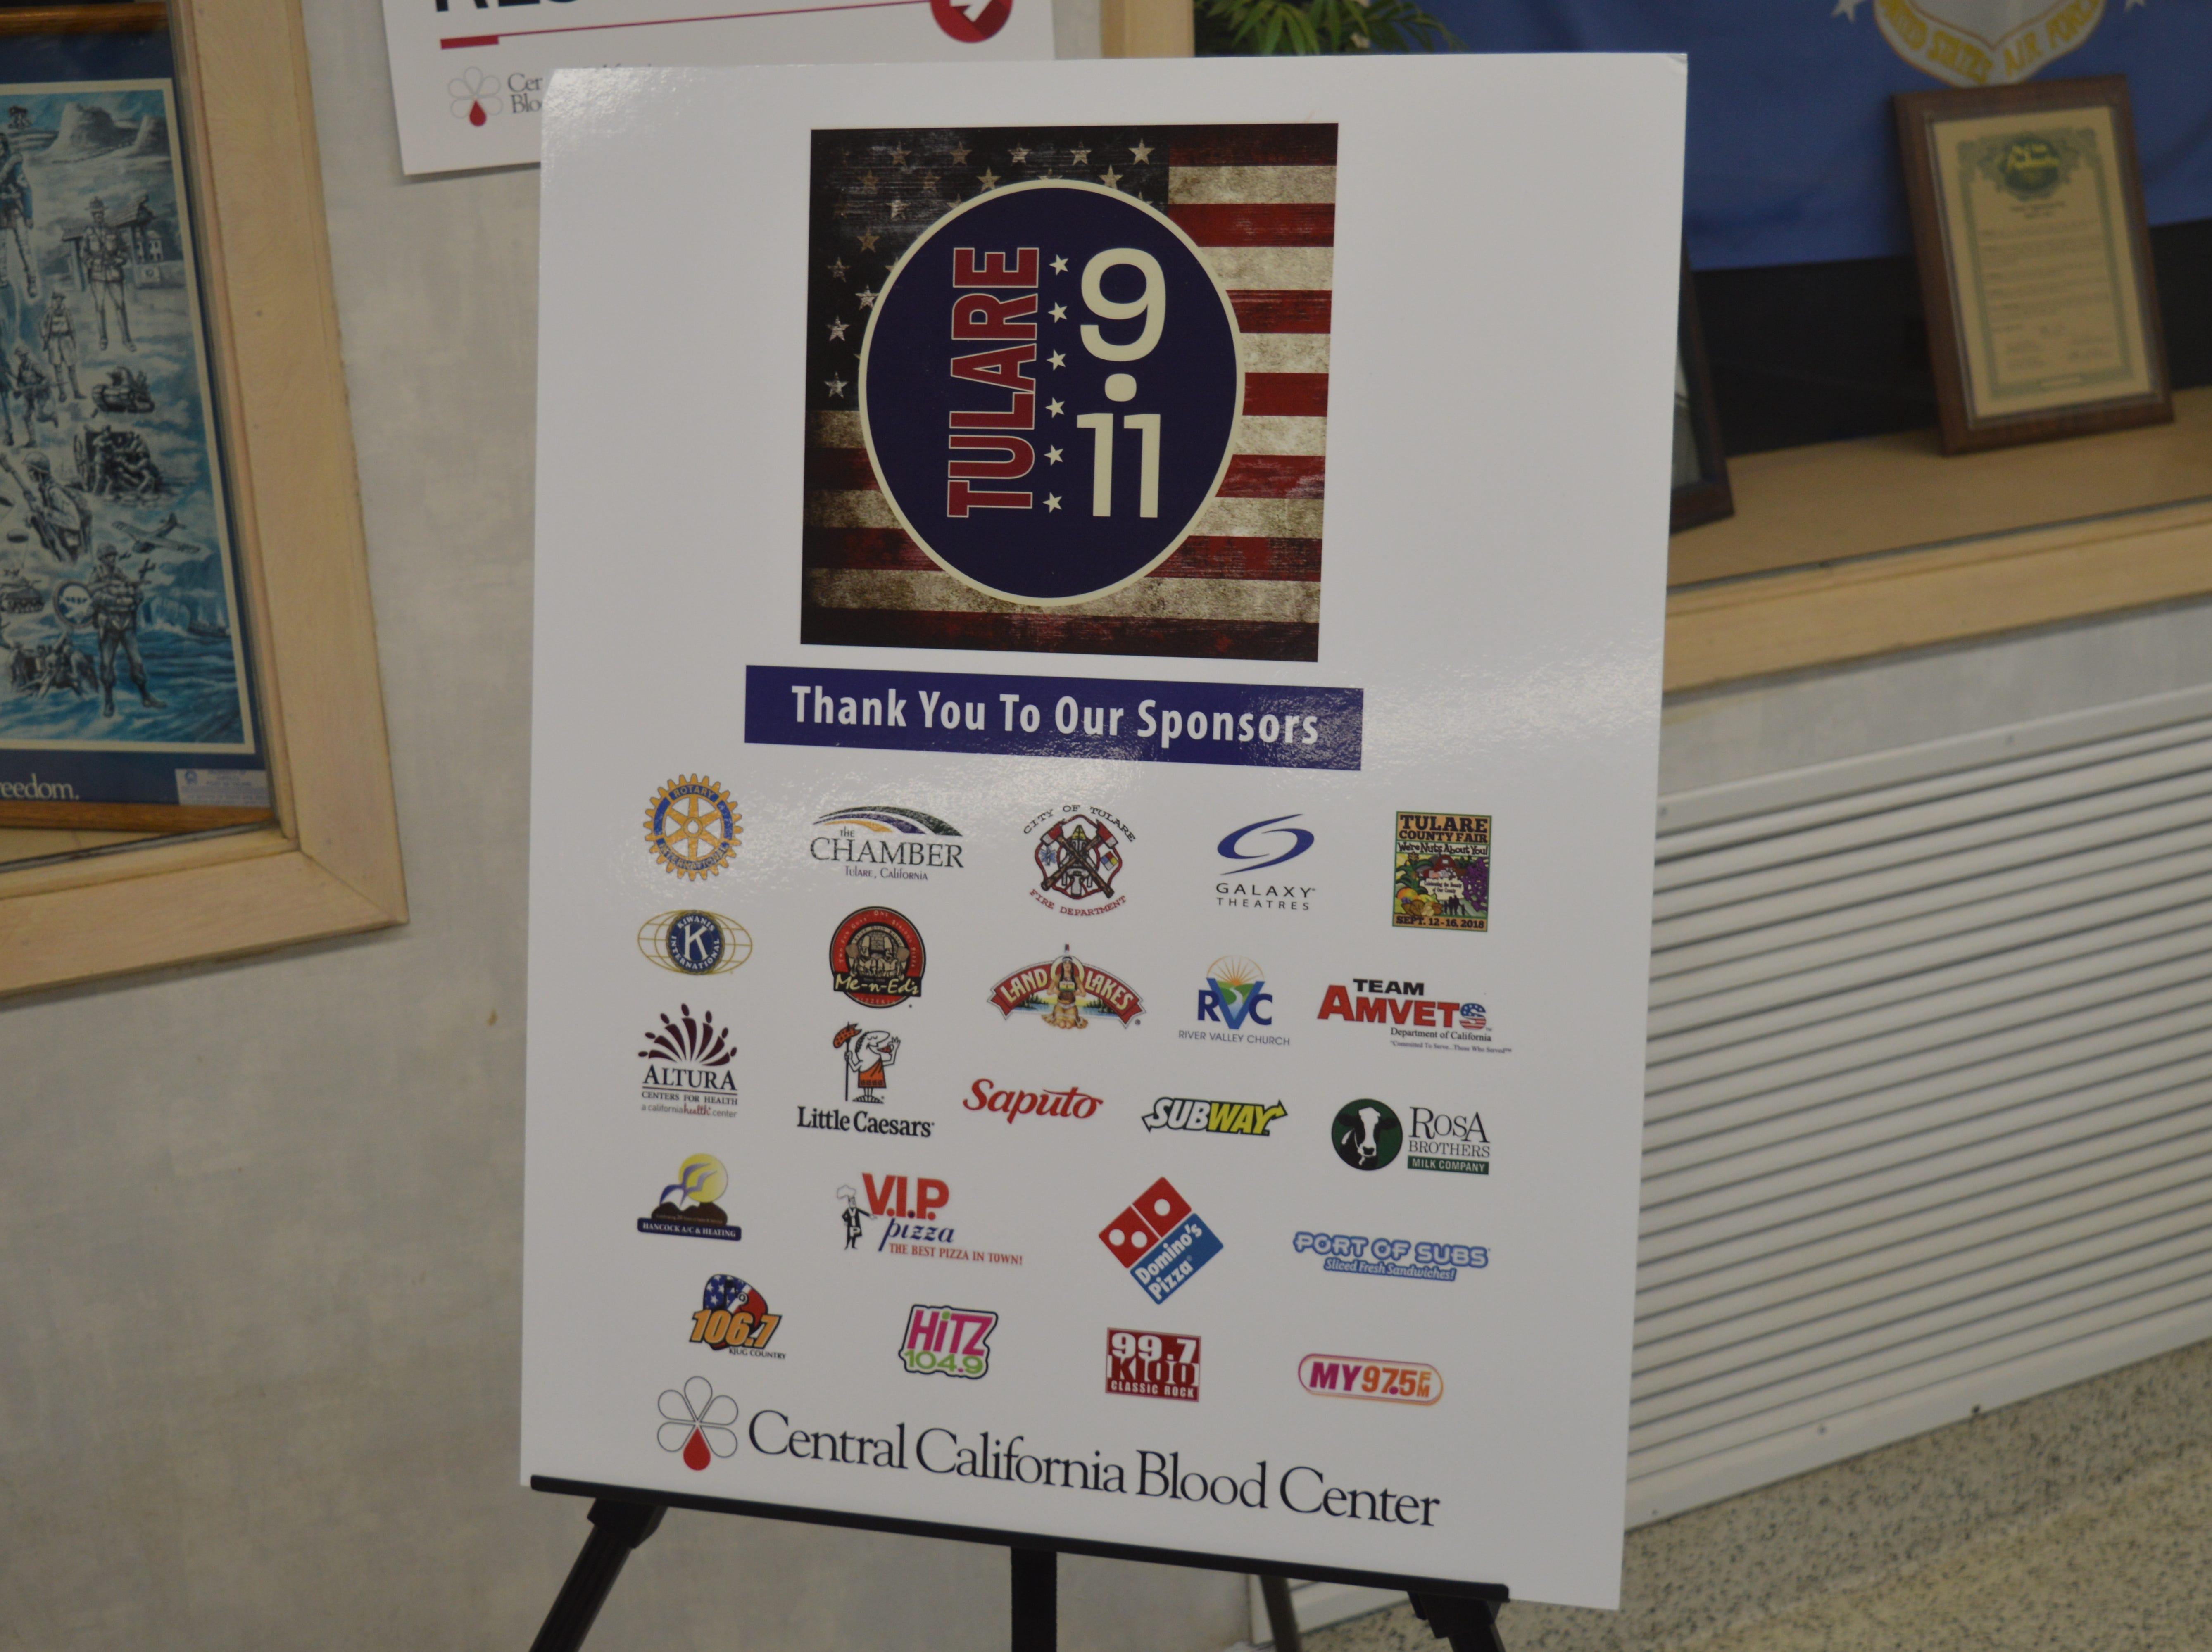 2018 Tulare 9-11 Memorial Blood Drive